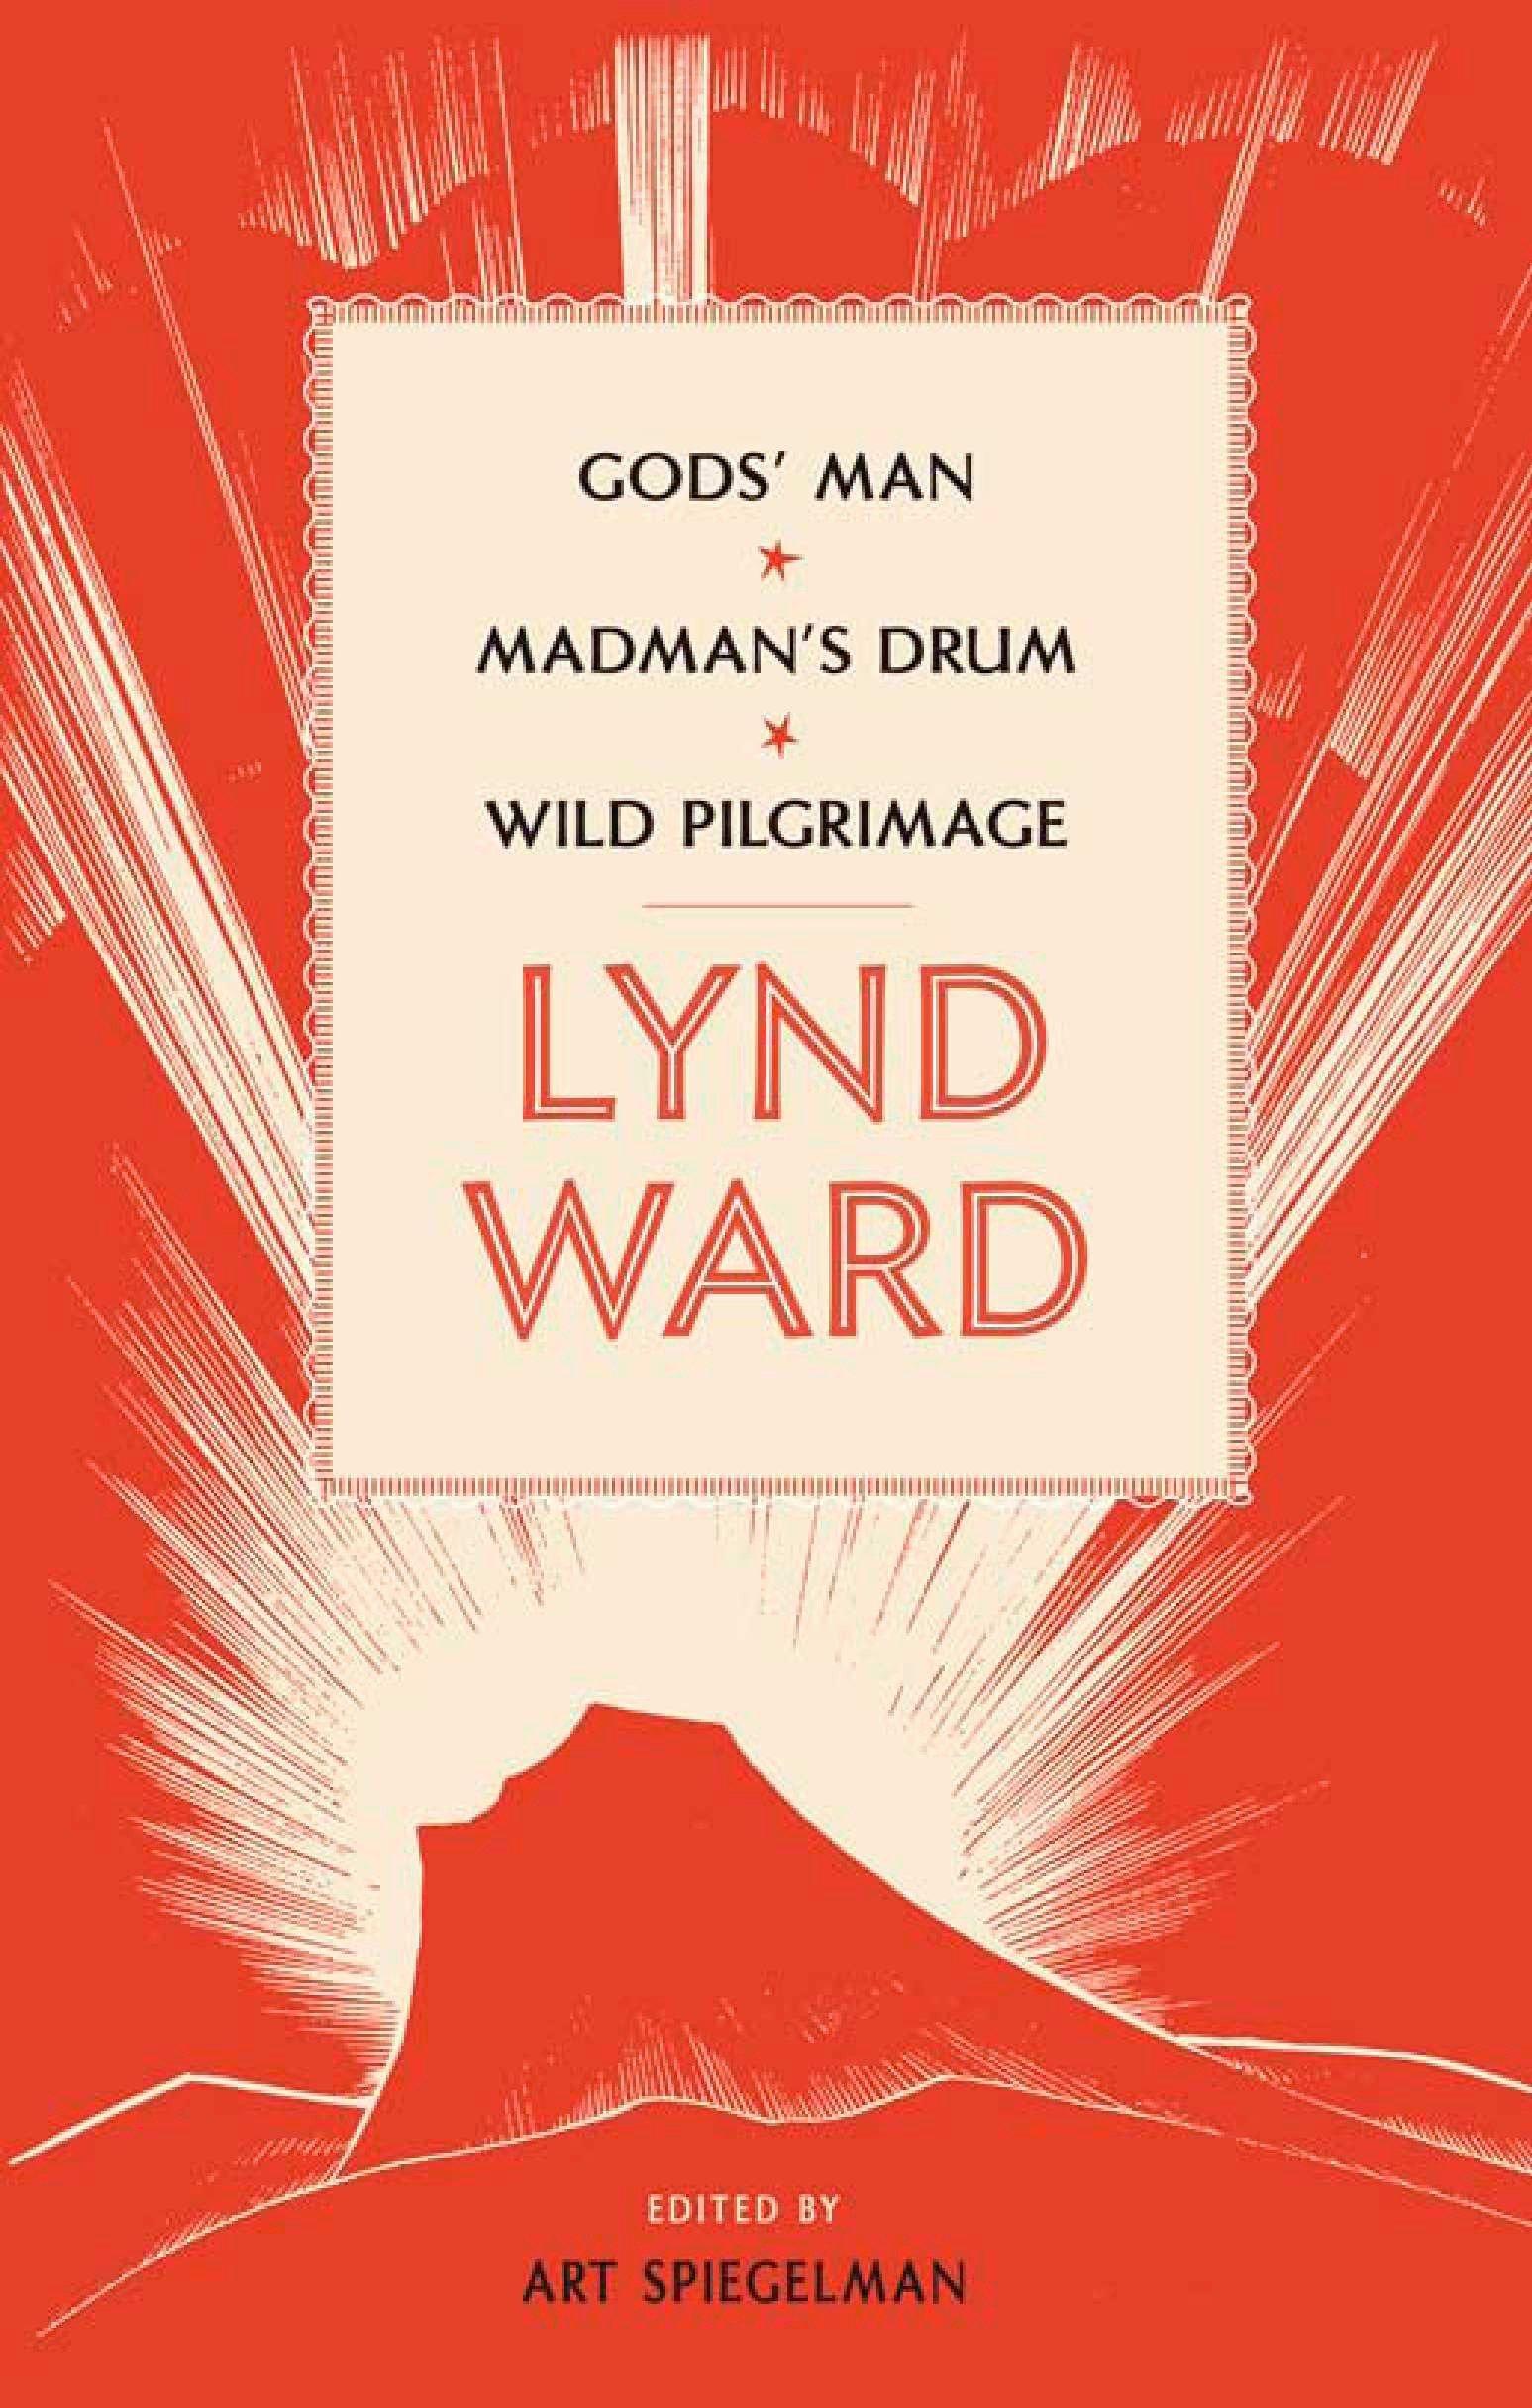 Read Online Lynd Ward: Gods' Man, Madman's Drum, Wild Pilgrimage PDF